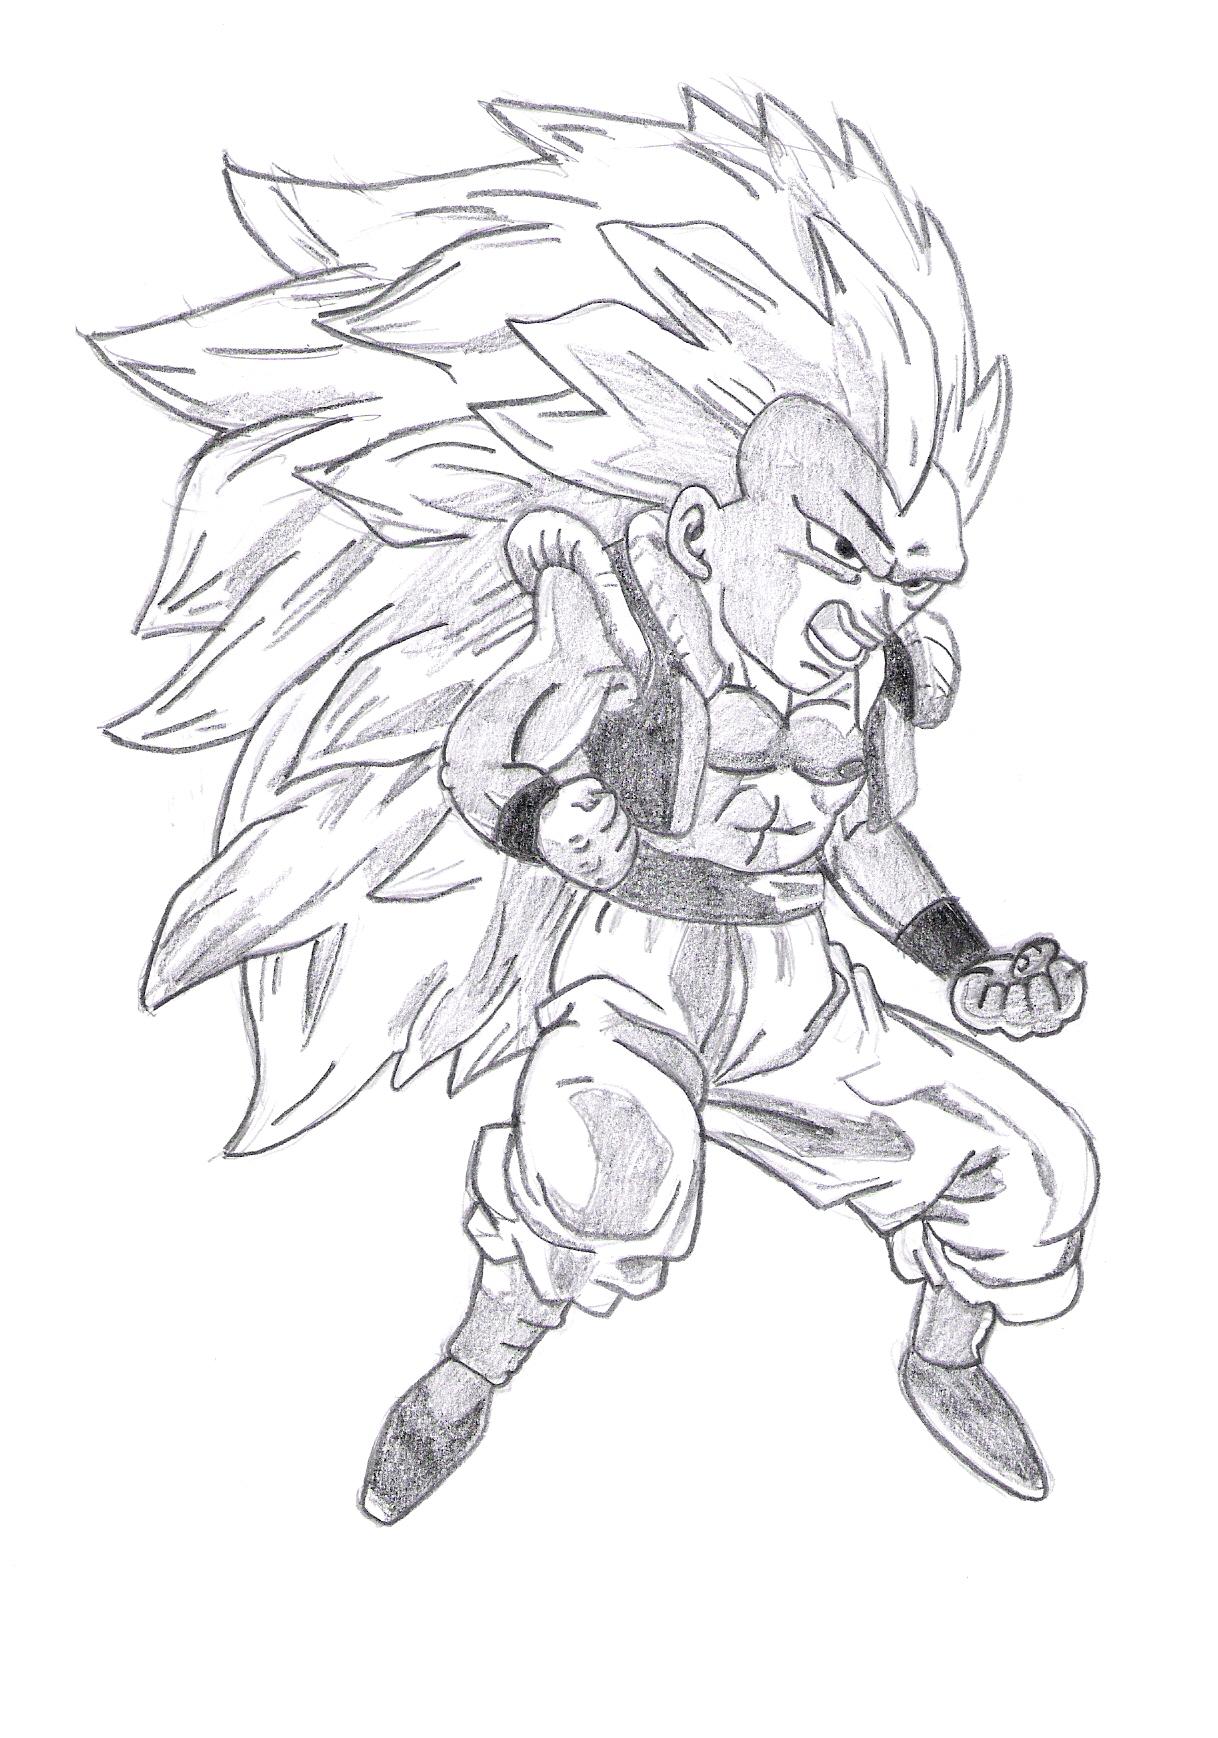 Dessin De Manga Dragon Ball Z Dessin De Manga